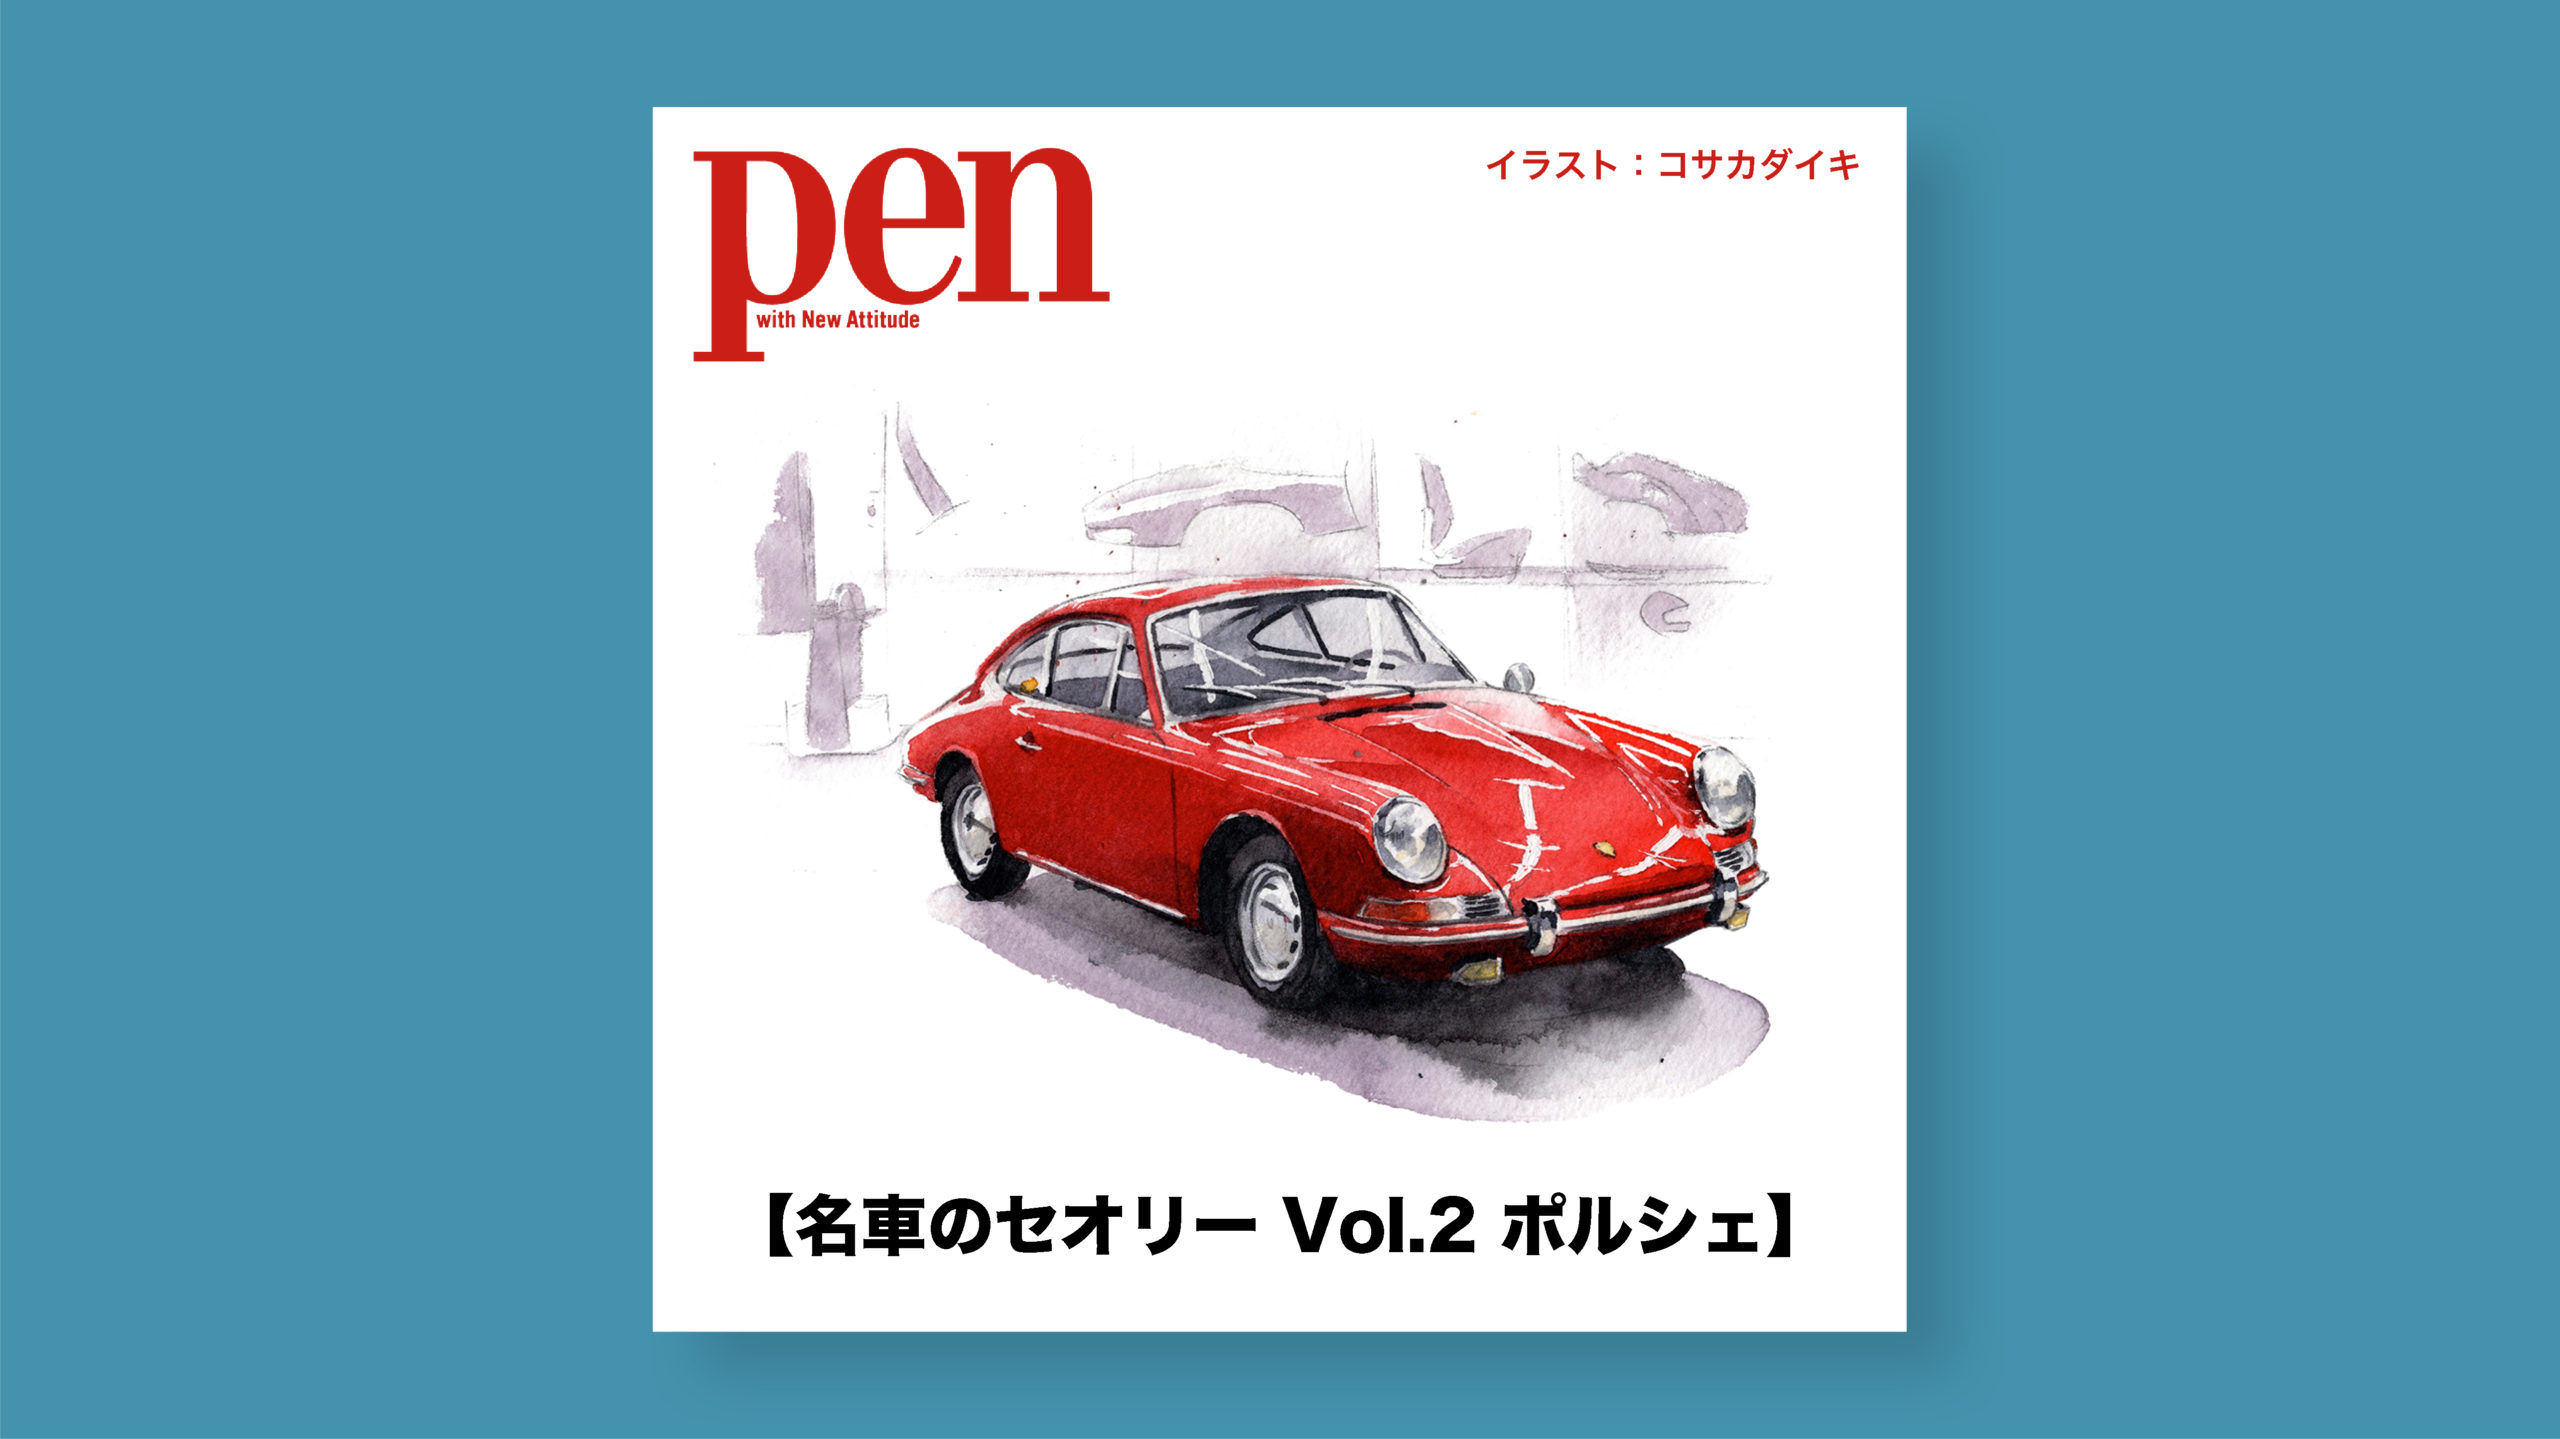 雑誌 Pen オンライン 合理的な設計思想で、スピードと実用性を両立させたスポーツカー【名車のセオリー Vol.2 ポルシェ 911】車イラスト